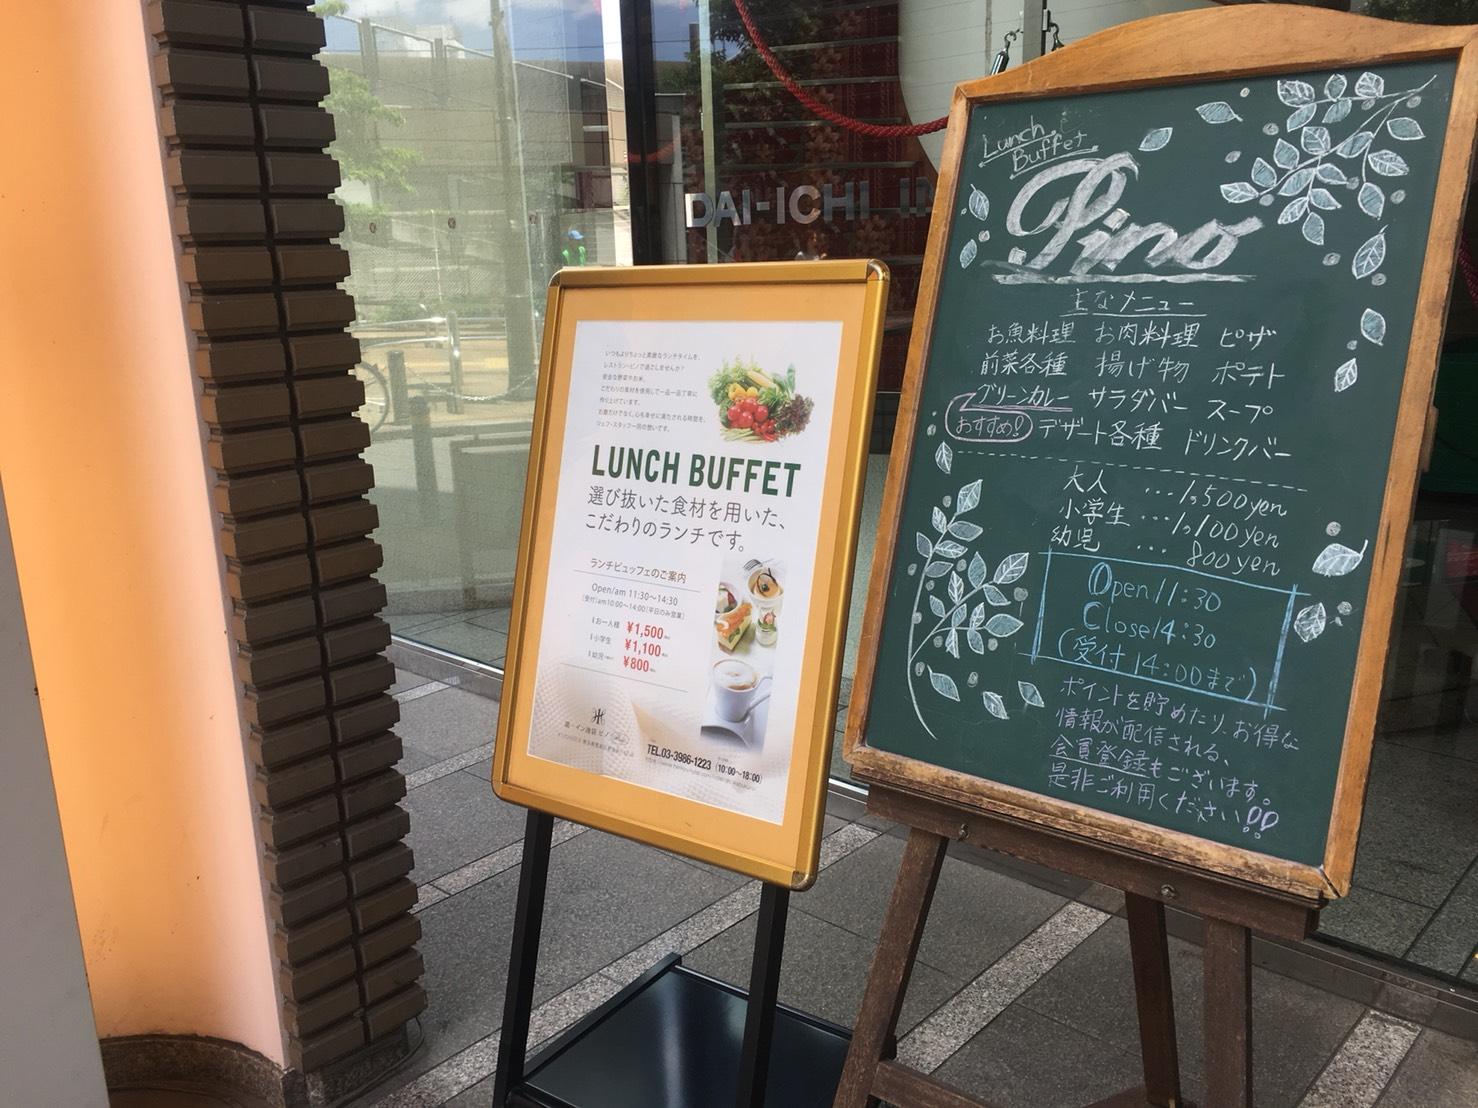 【池袋駅】安くて美味しい超人気ビュッフェ!池袋最強コスパ!?第一イン池袋レストラン「ピノ」のランチビュッフェの看板